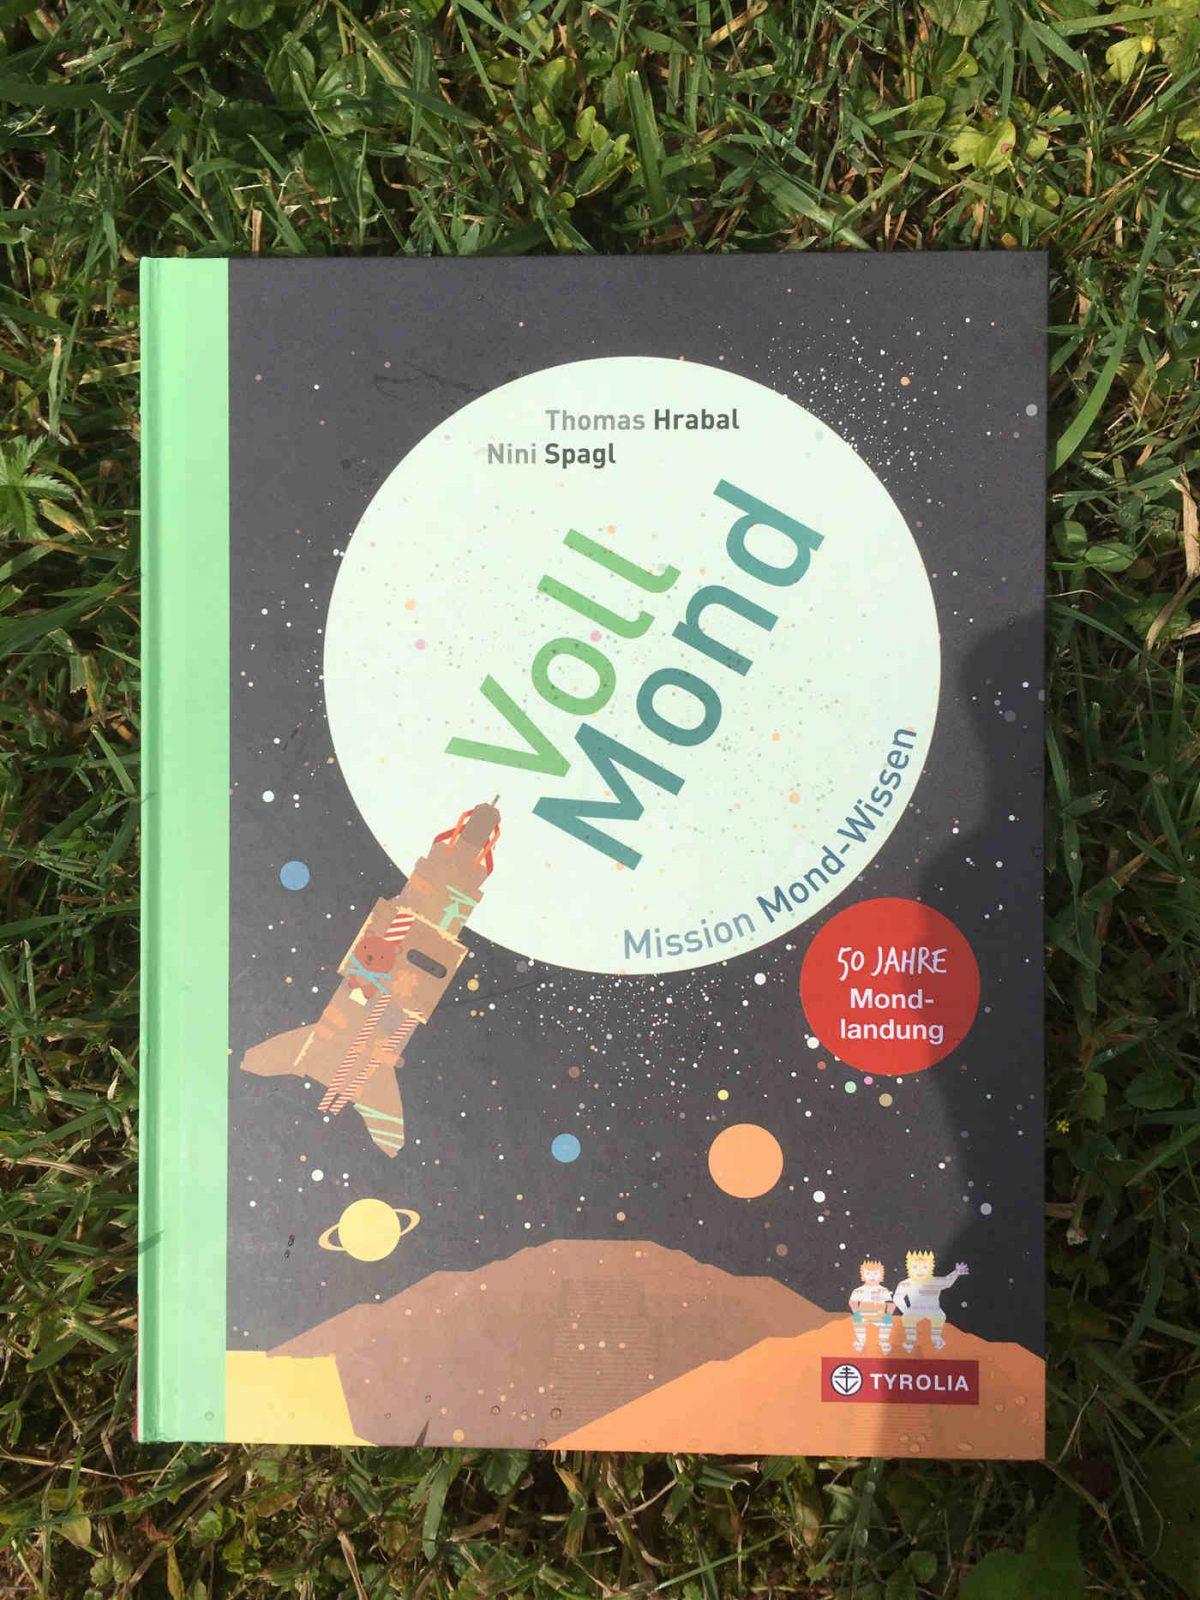 Thomas Hrabal Nini Spagl VollMond Mission Mond Wissen Sachbuch 50 Jahre Mondlandung Brigitte Wallinger Kinderbuchblog Jugendbuchblog Buchtipps Buchempfehlungen für Kinder